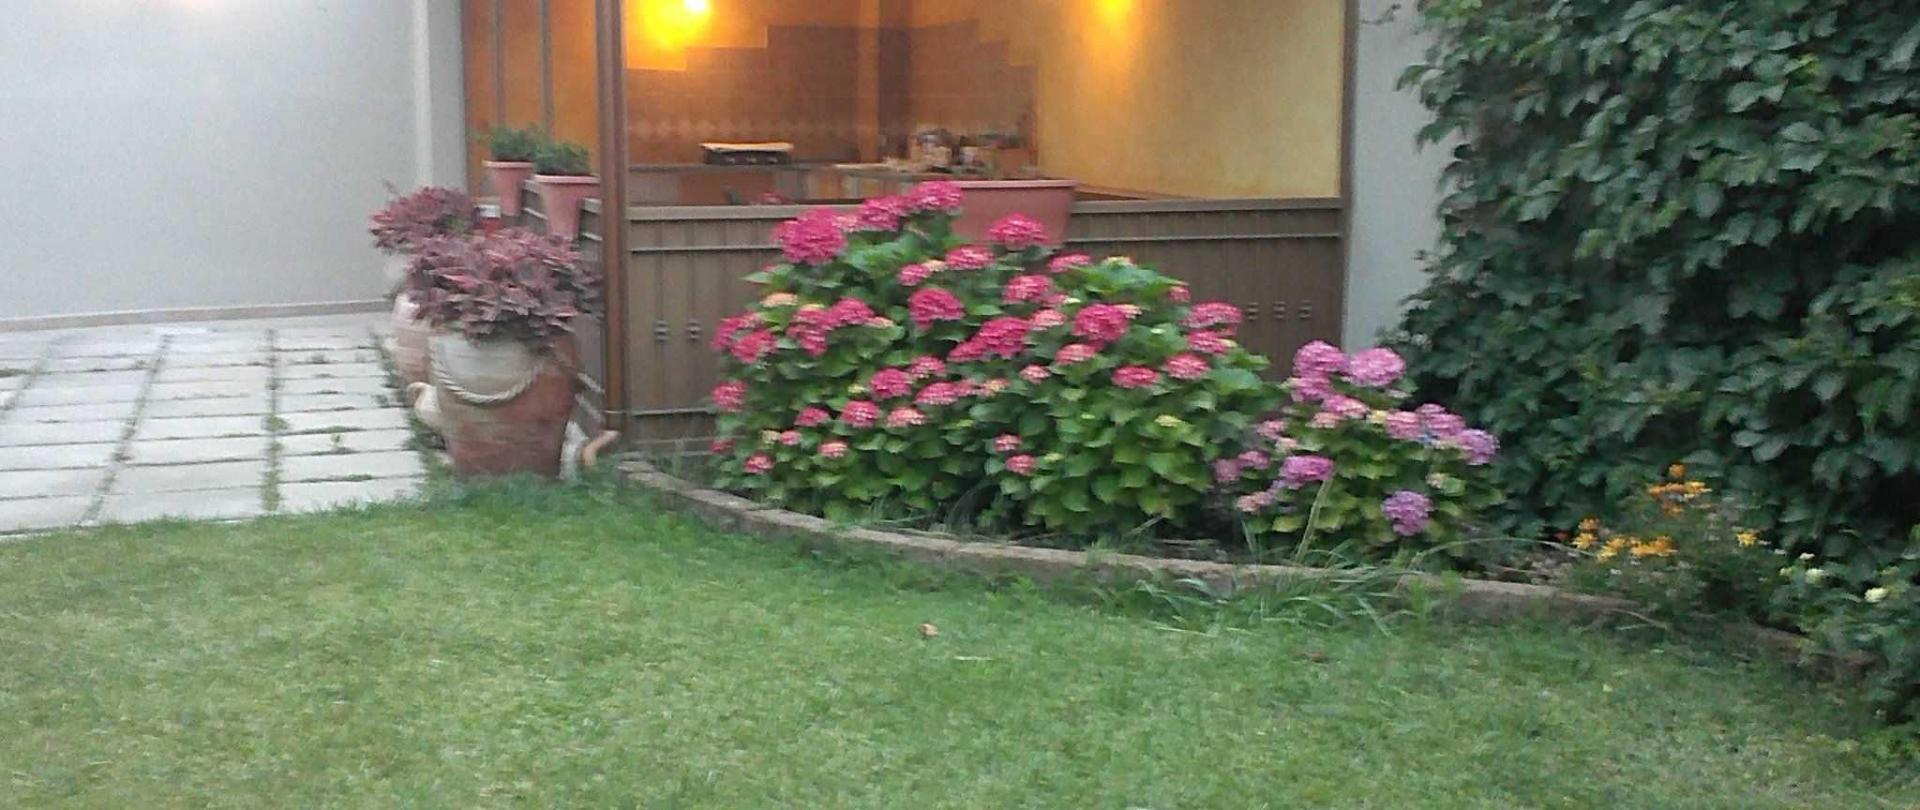 giardino-2.jpg